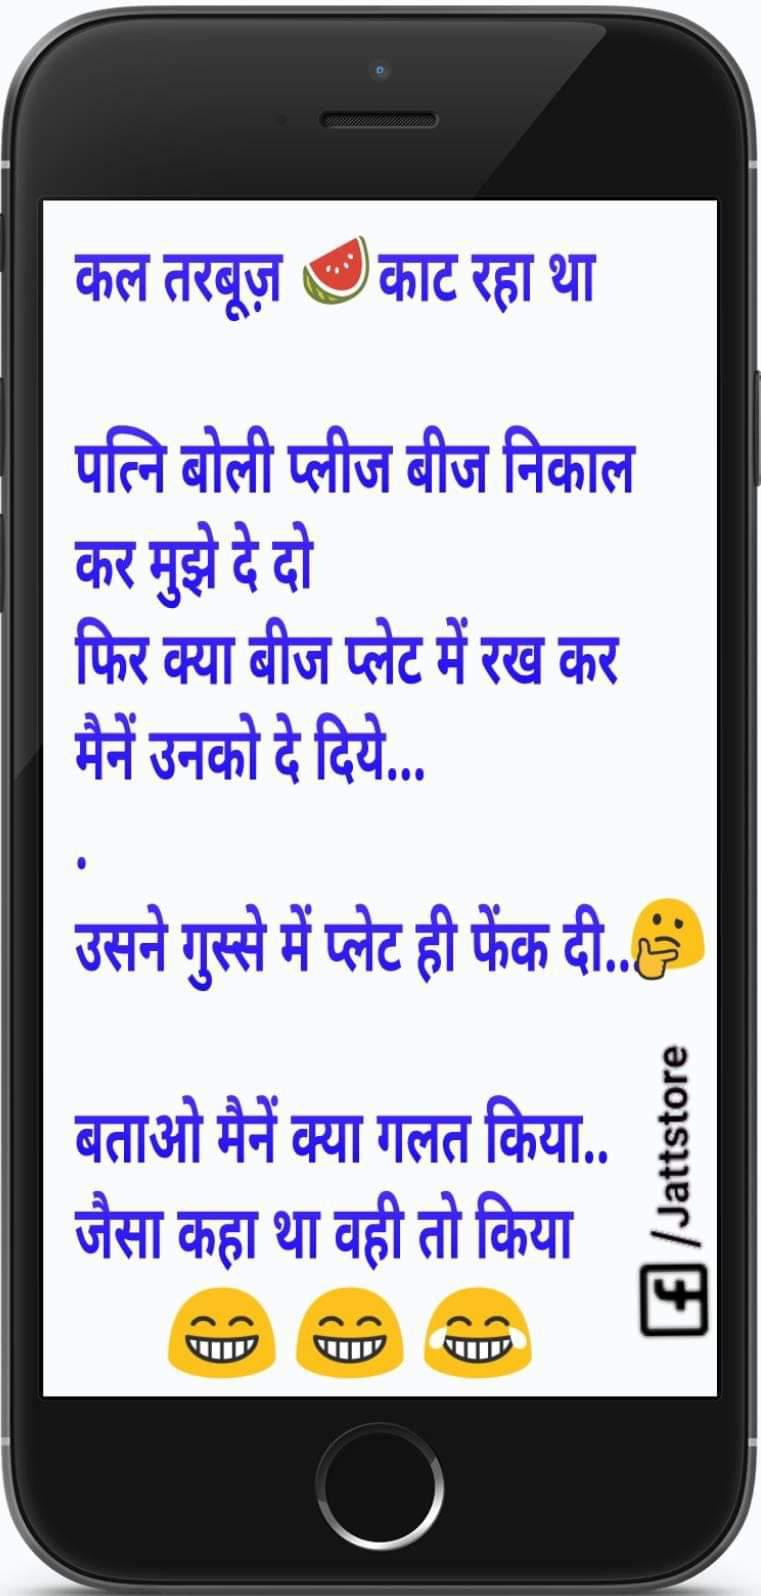 Hindi Jokes, Hindi funny Messages